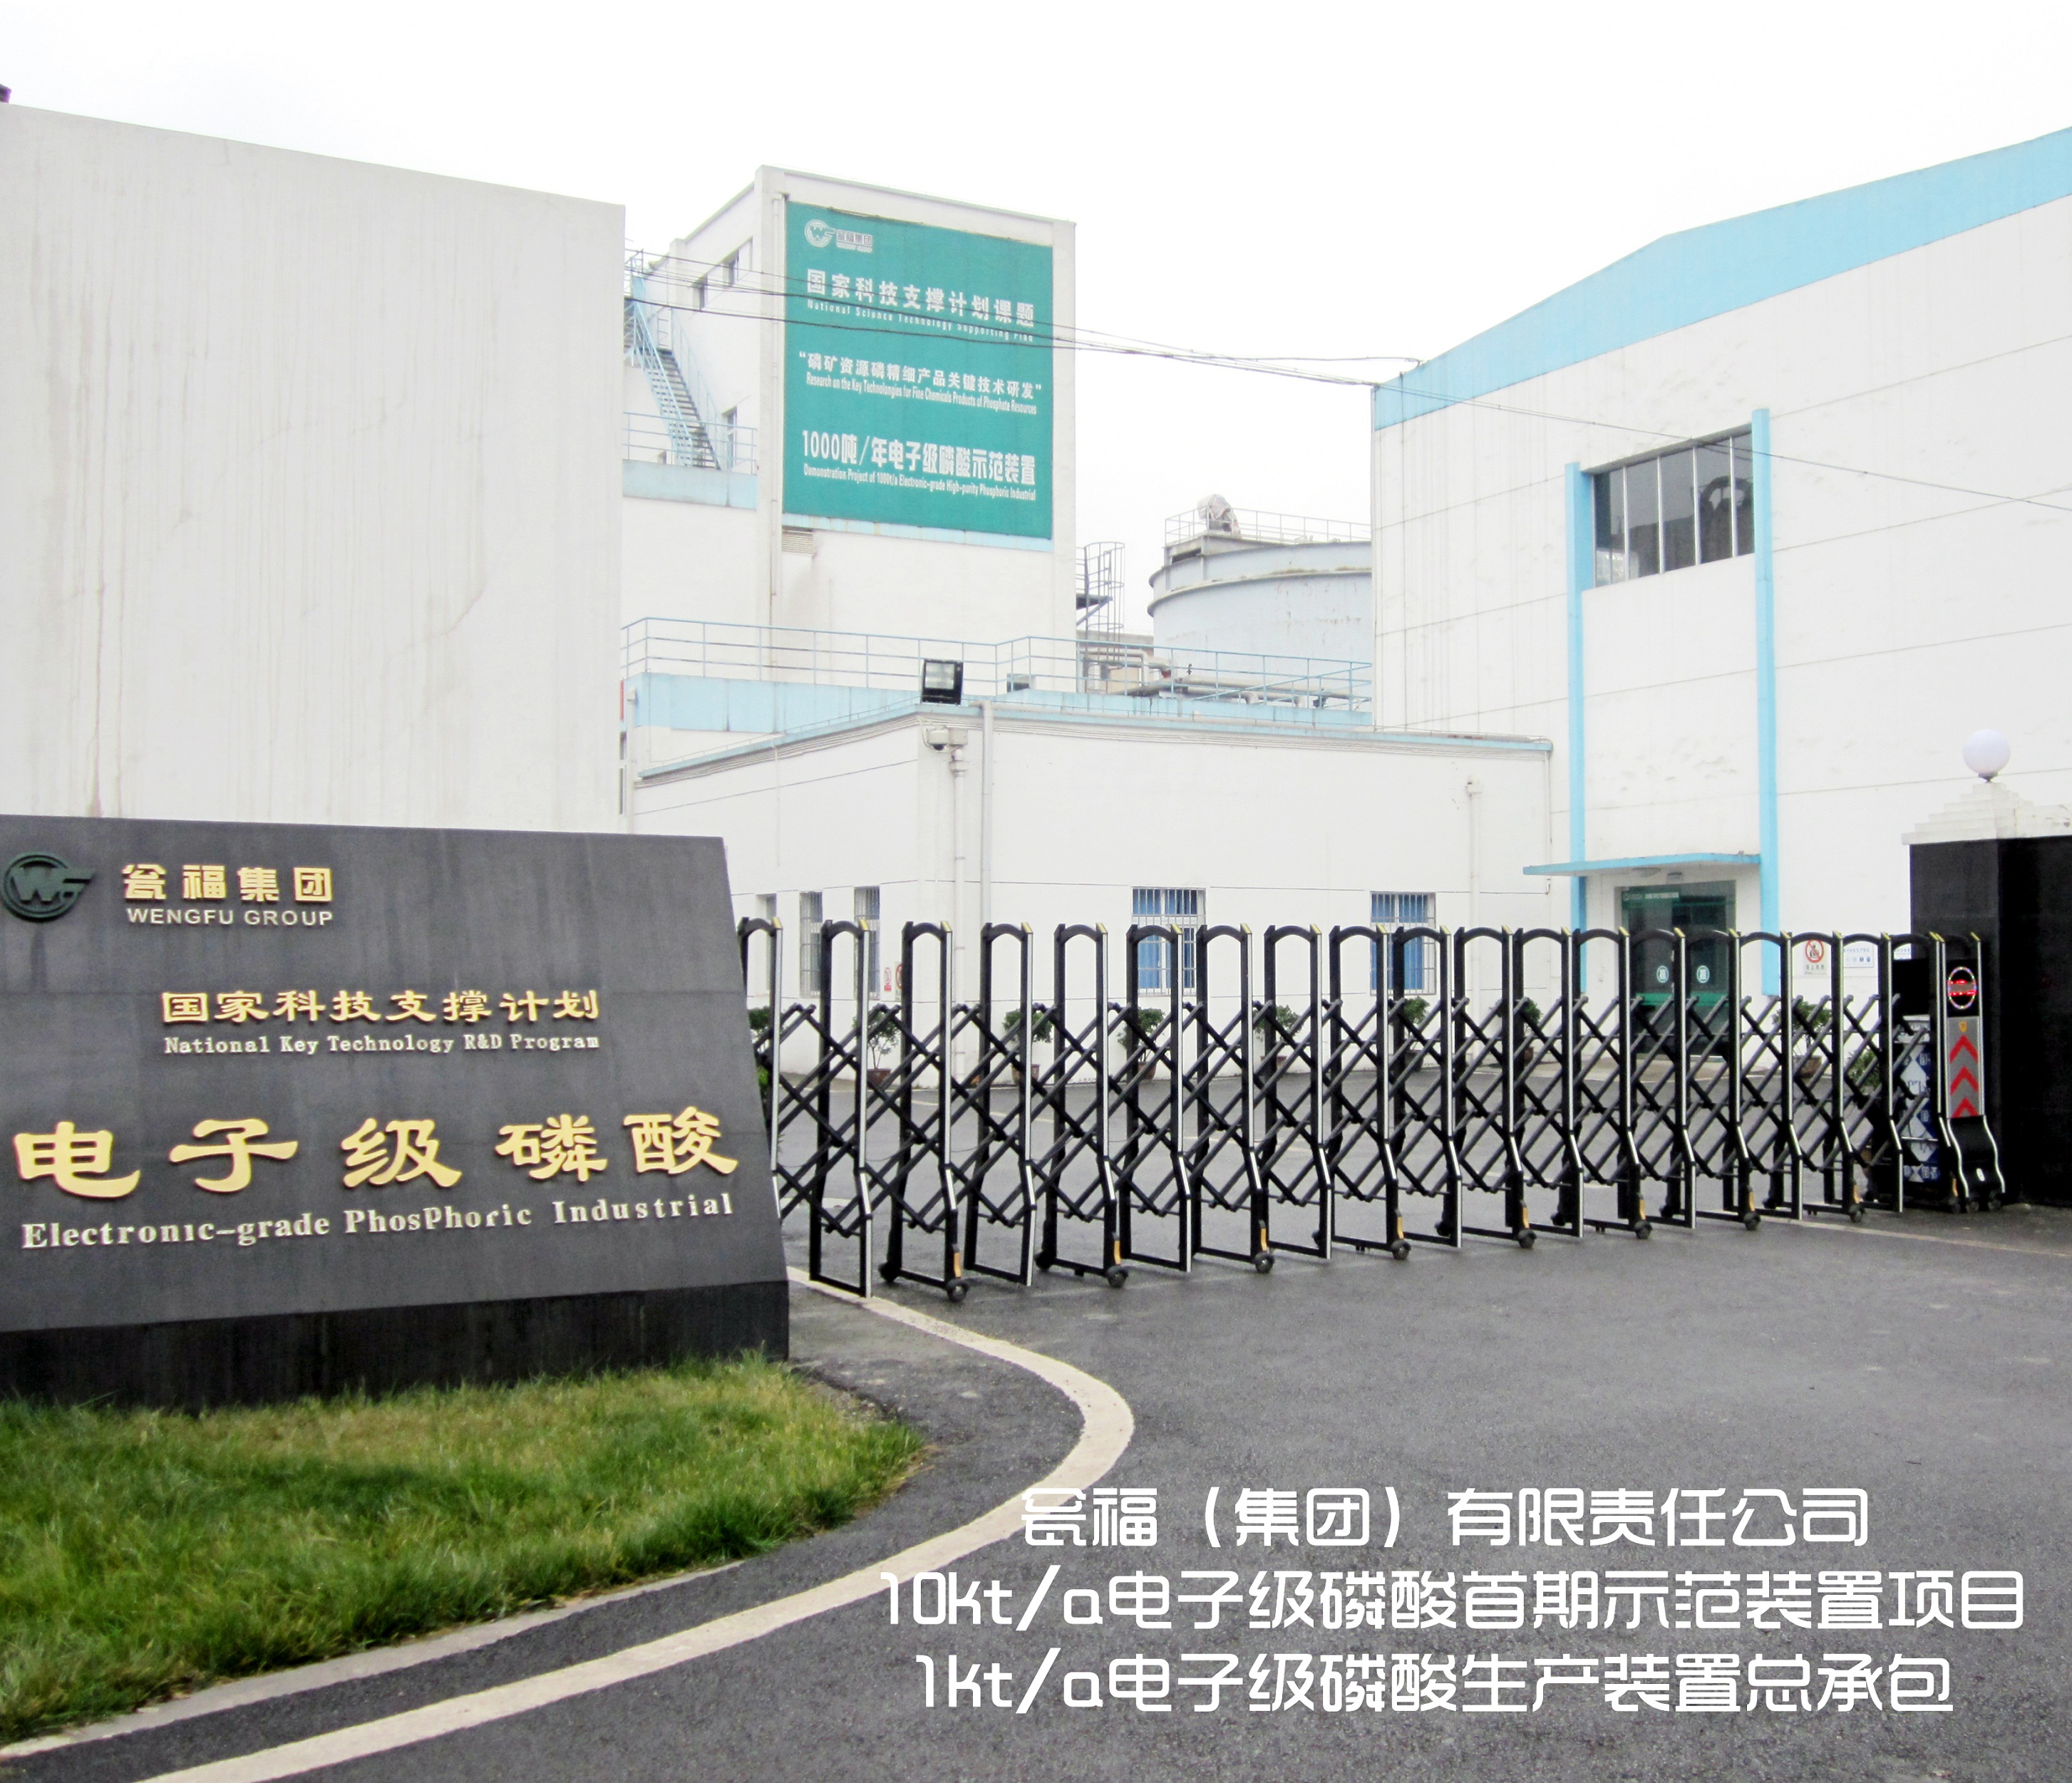 甕福集團電子級磷酸生產裝置